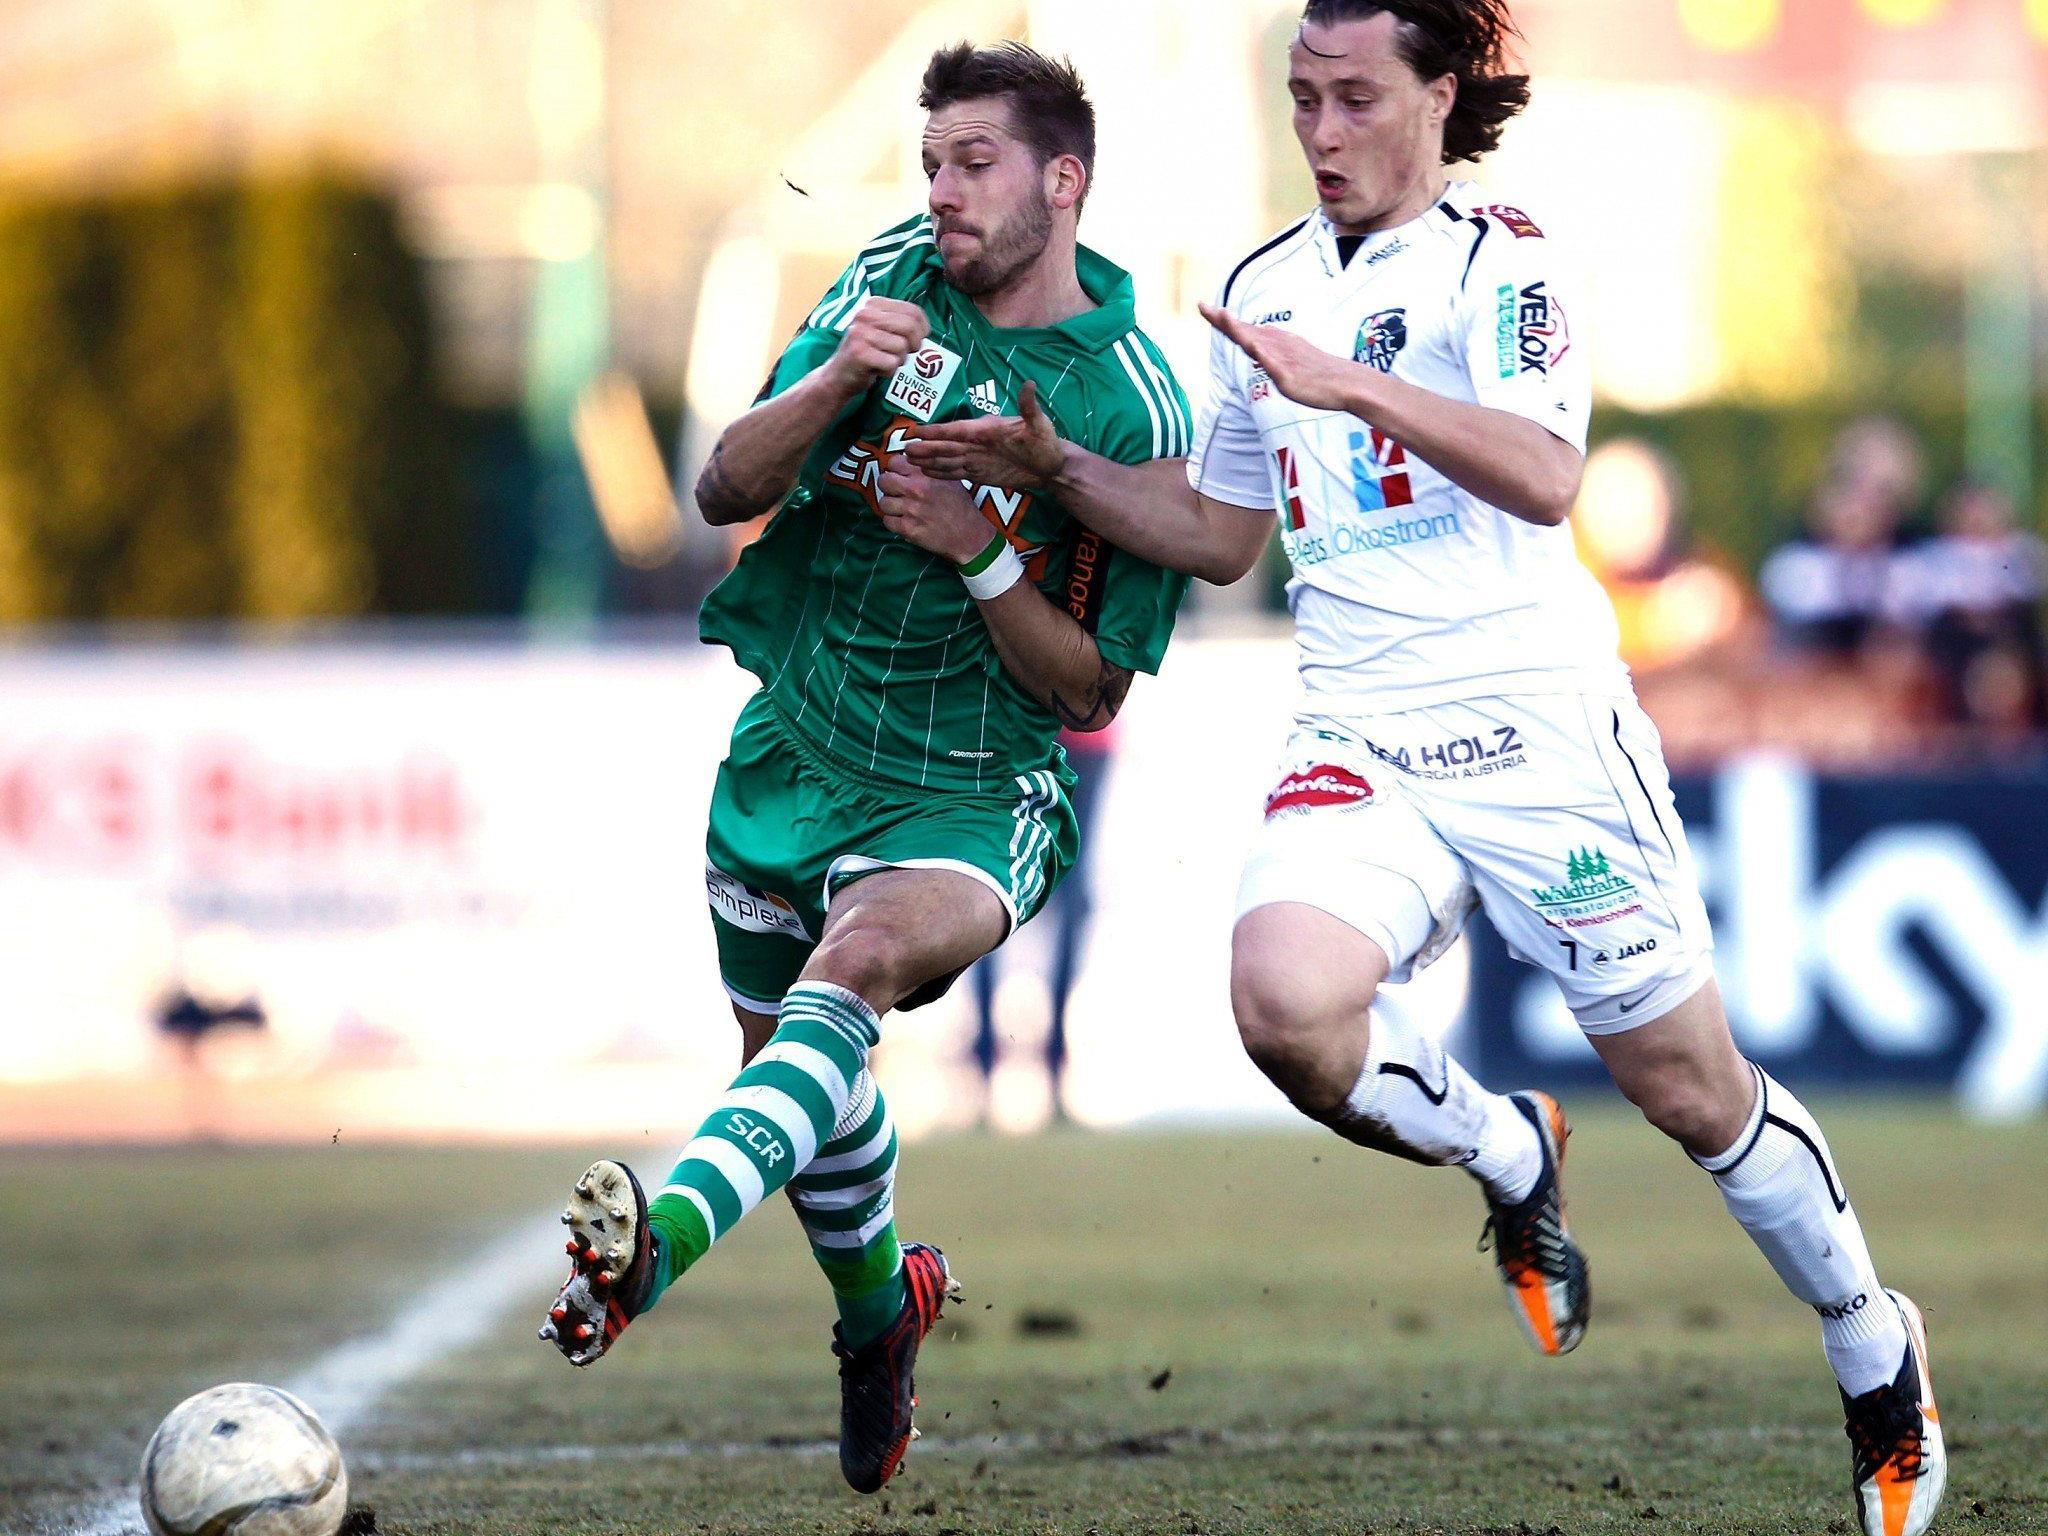 Der SK Rapid Wien verliert auswärts beim WAC mit 2:1.